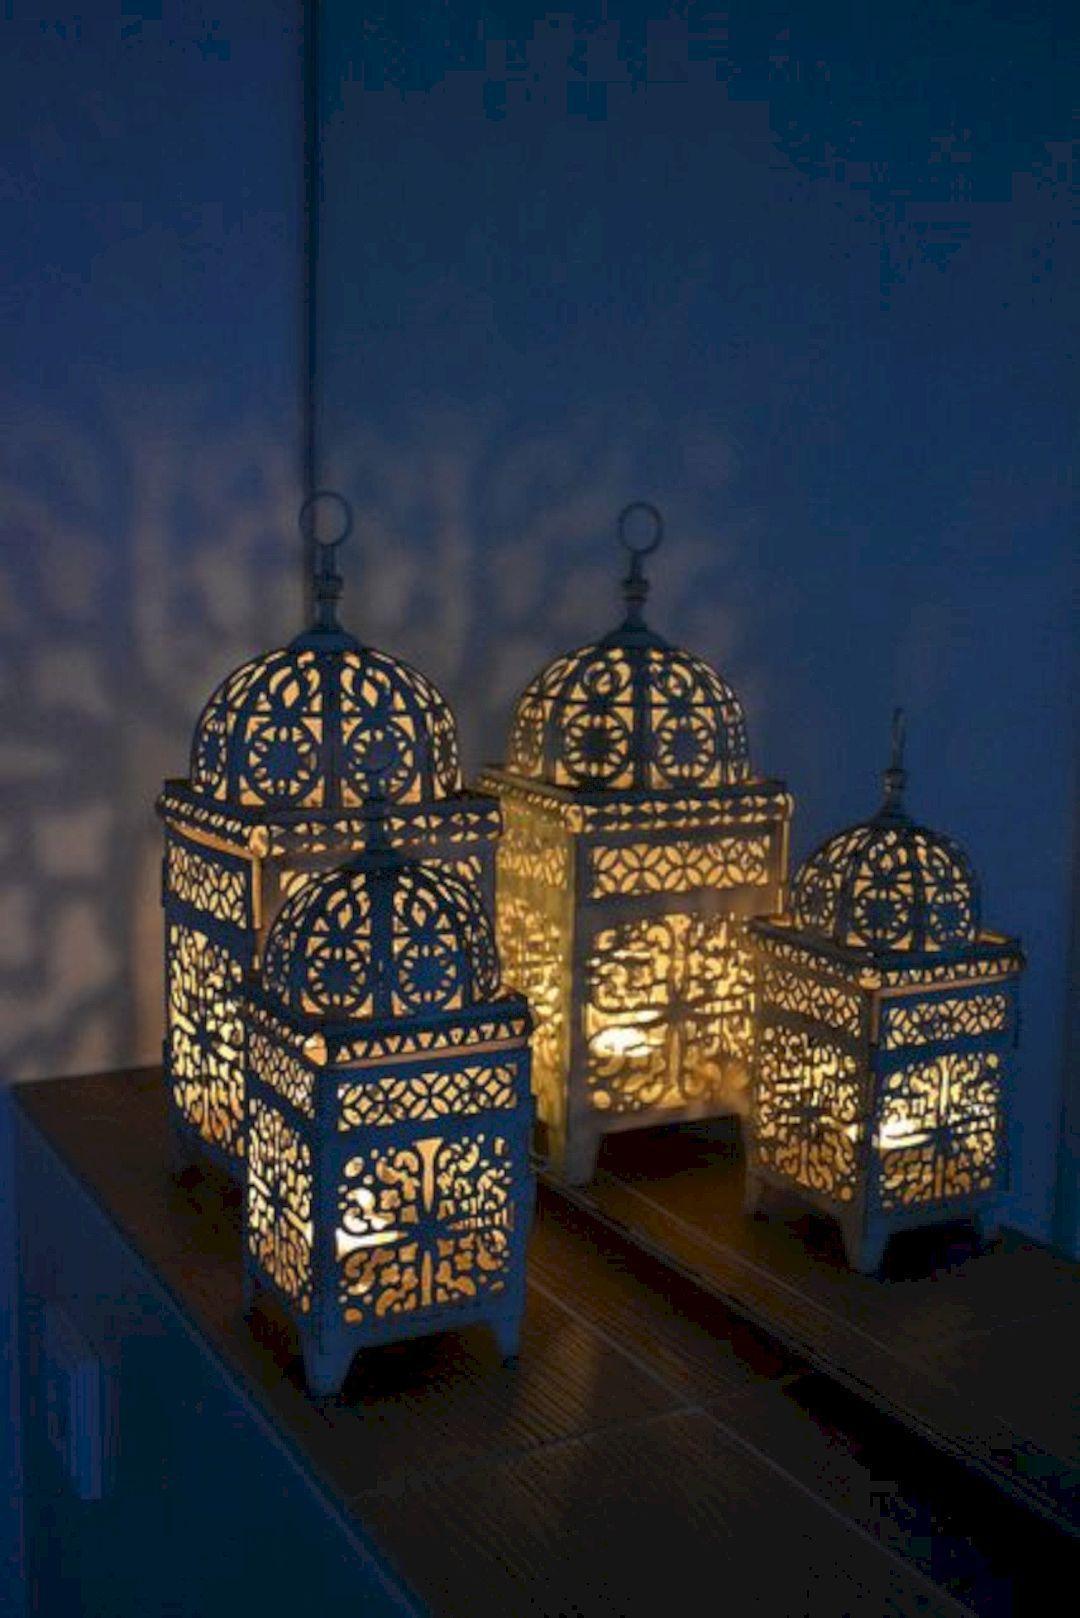 Moroccan Lamp Lamps Bulbs Lightbulbs Light Fixtures Lights